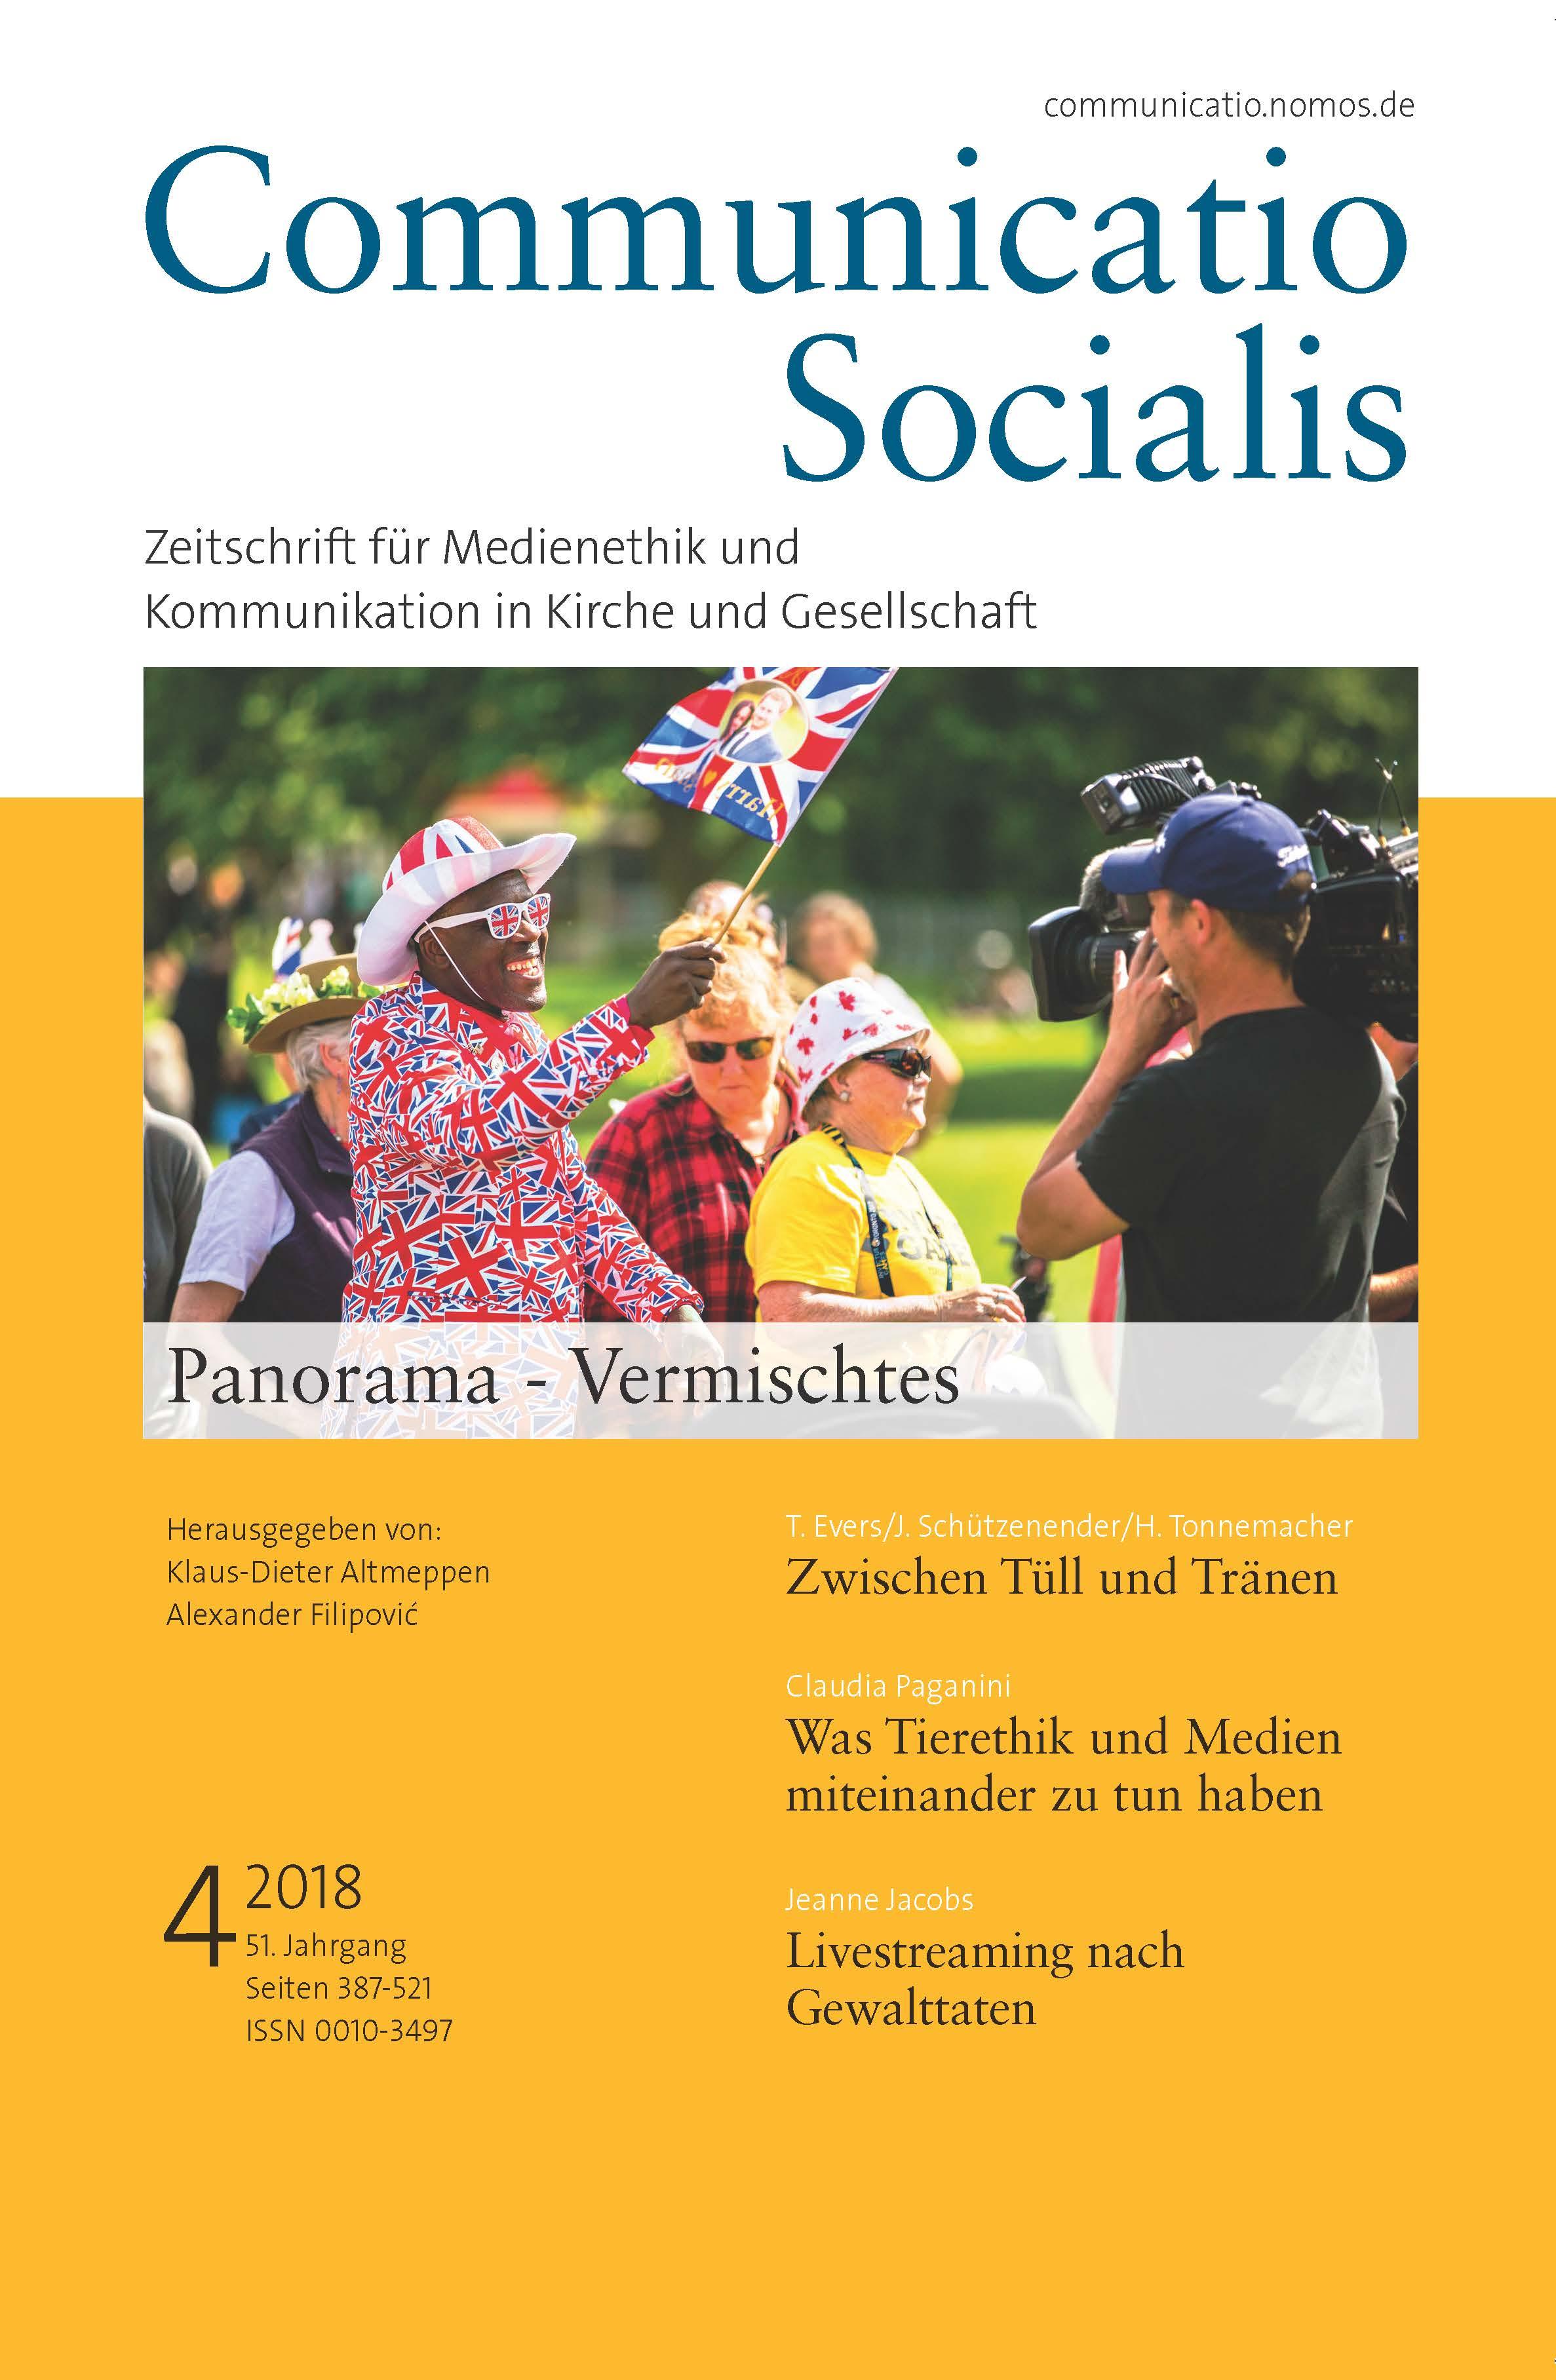 """Neue Ausgabe 4/2018 von Communicatio Socialis zum Thema """"Panorama – Vermischtes"""" erschienen"""